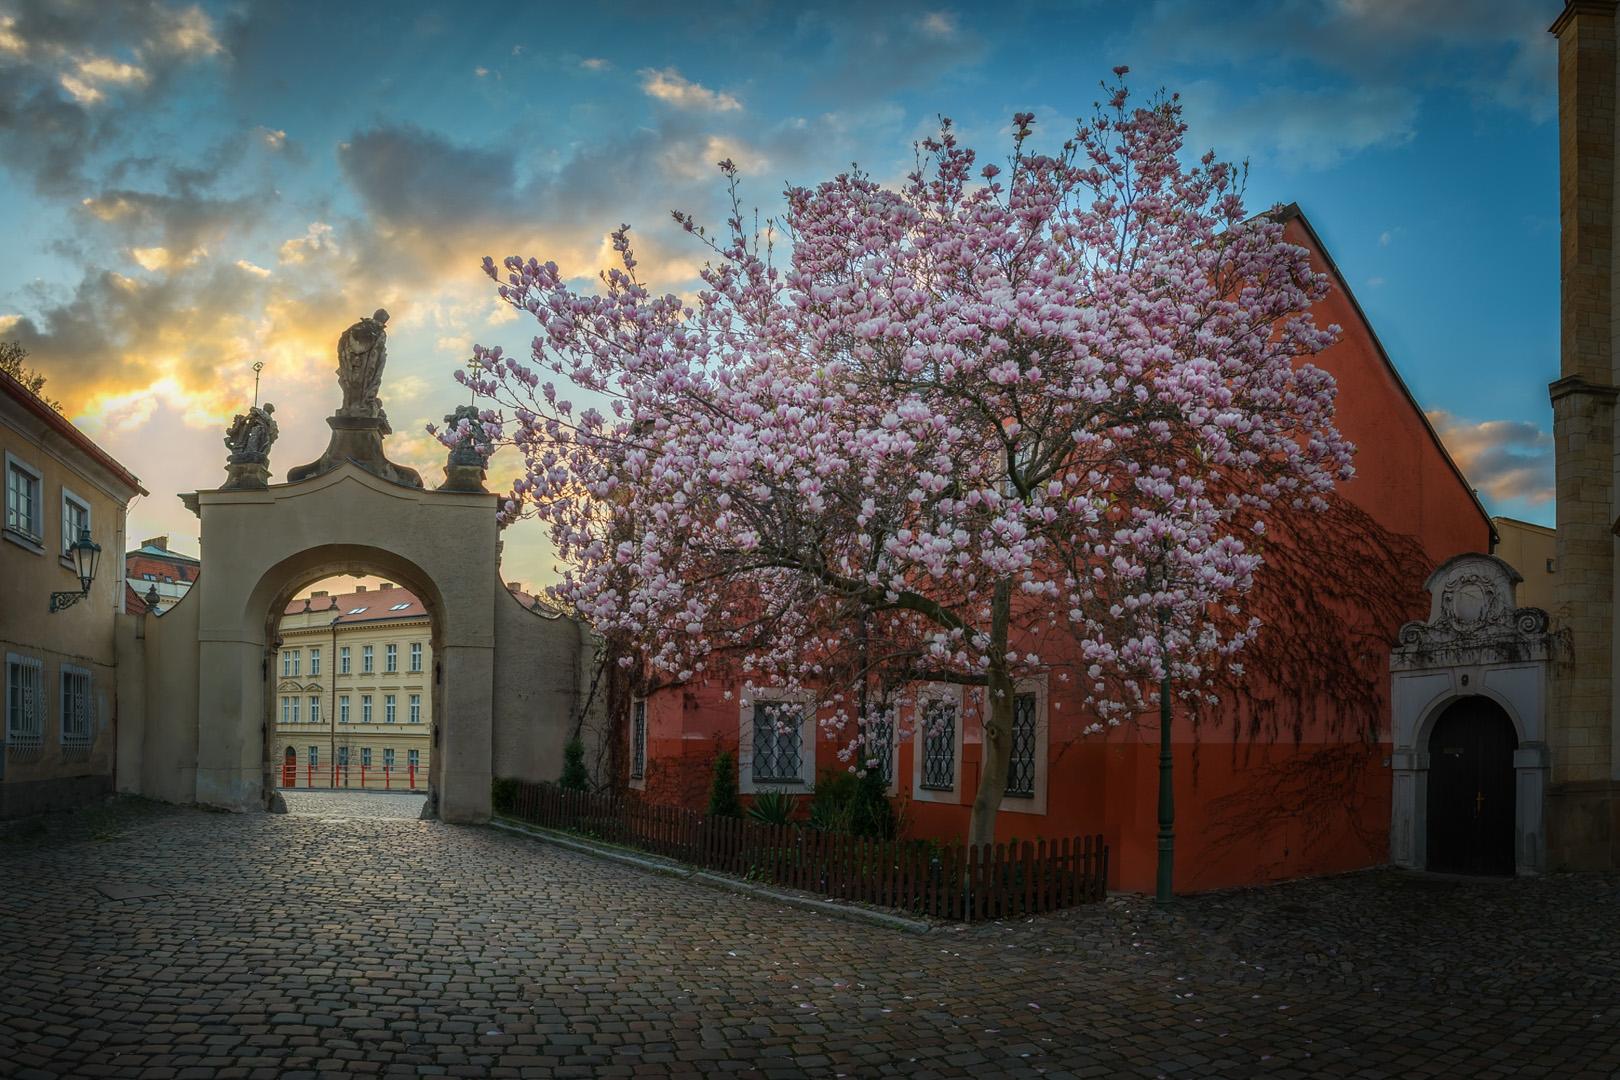 Tajemná Praha / Mysterious Prague | © Richard Horák: Magnolie u Strahovského kláštera / Magnolia at the Strahov Monastery